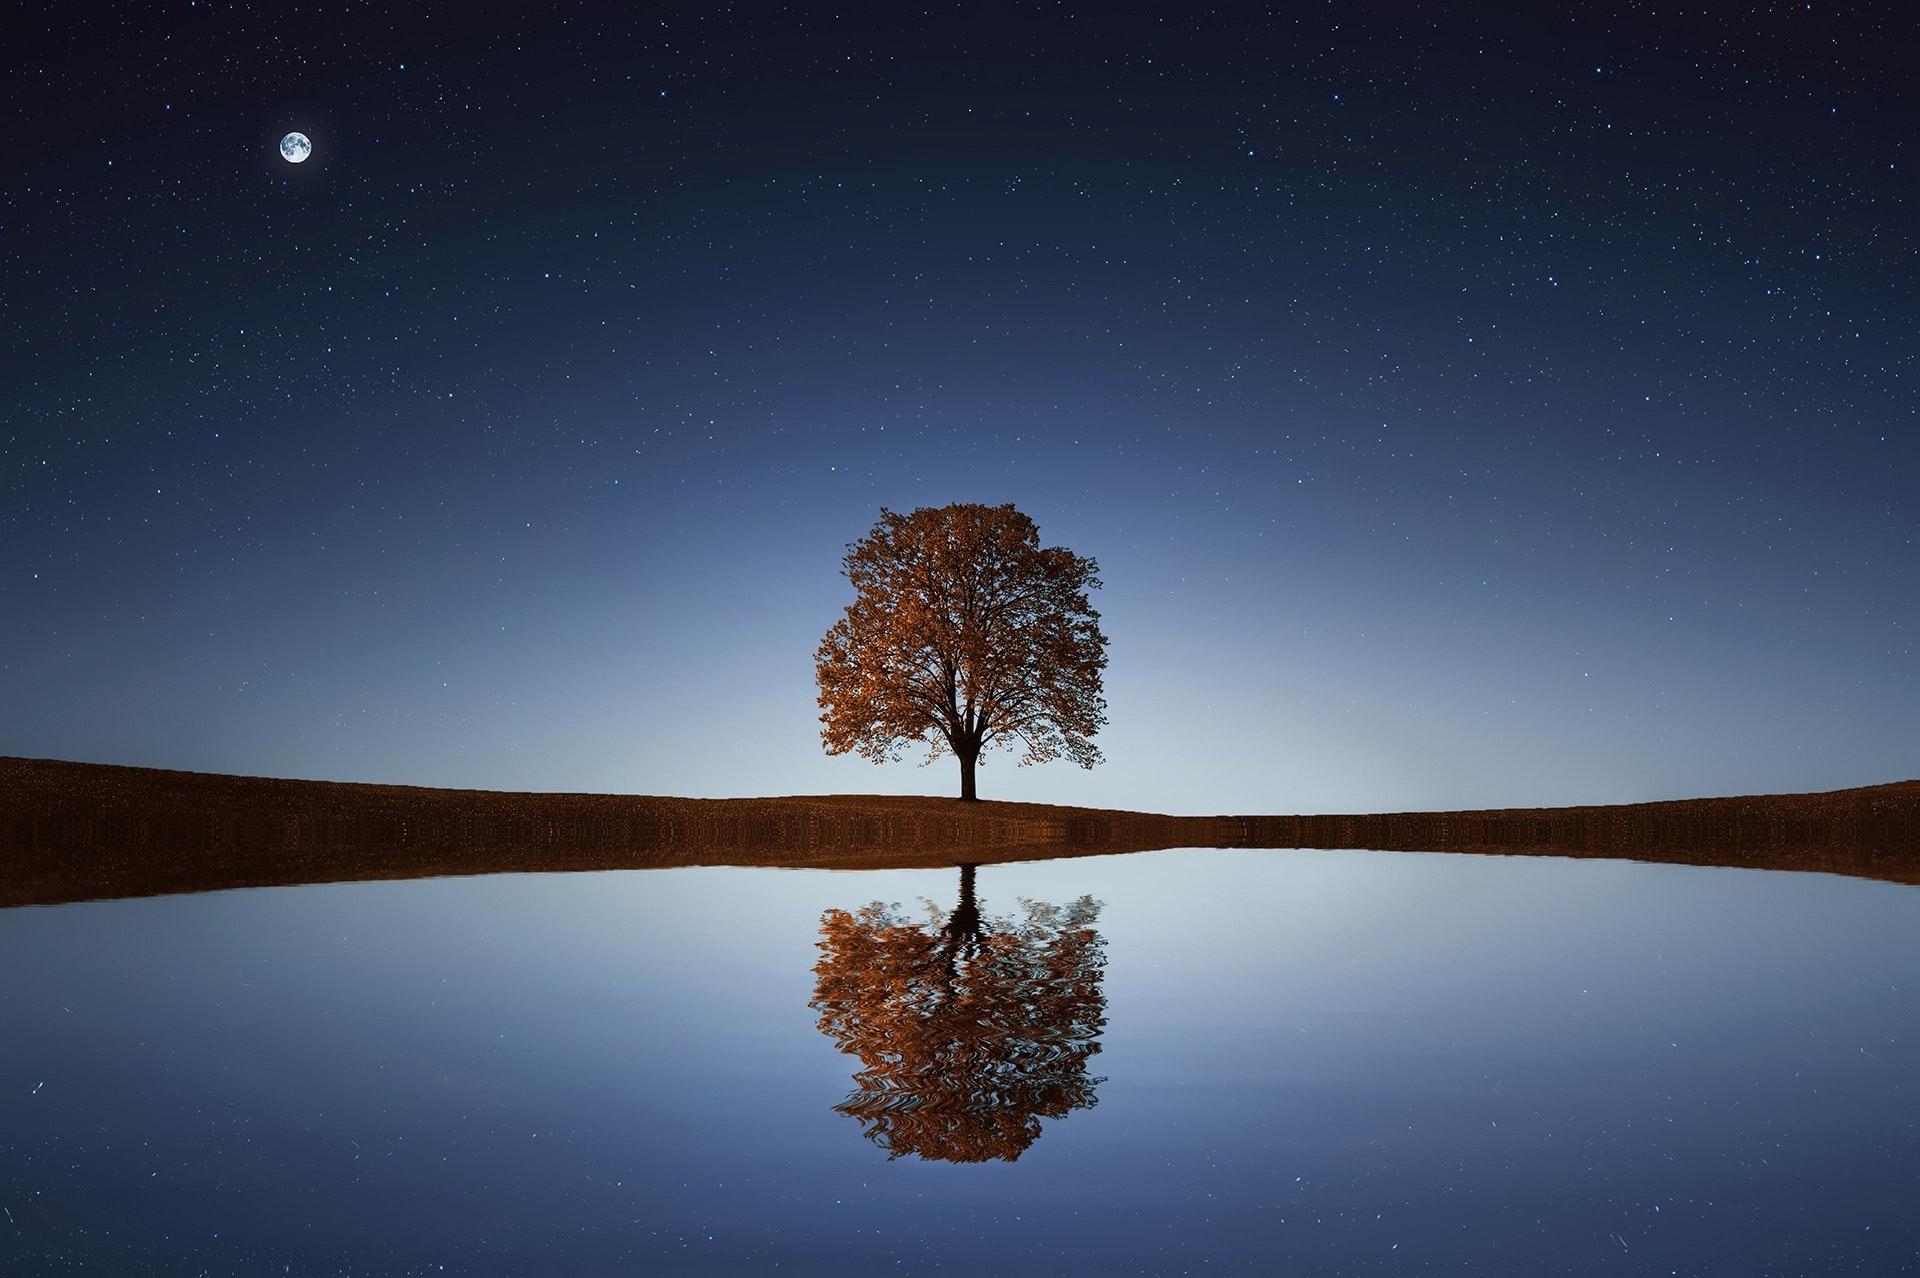 manusia dan pohon